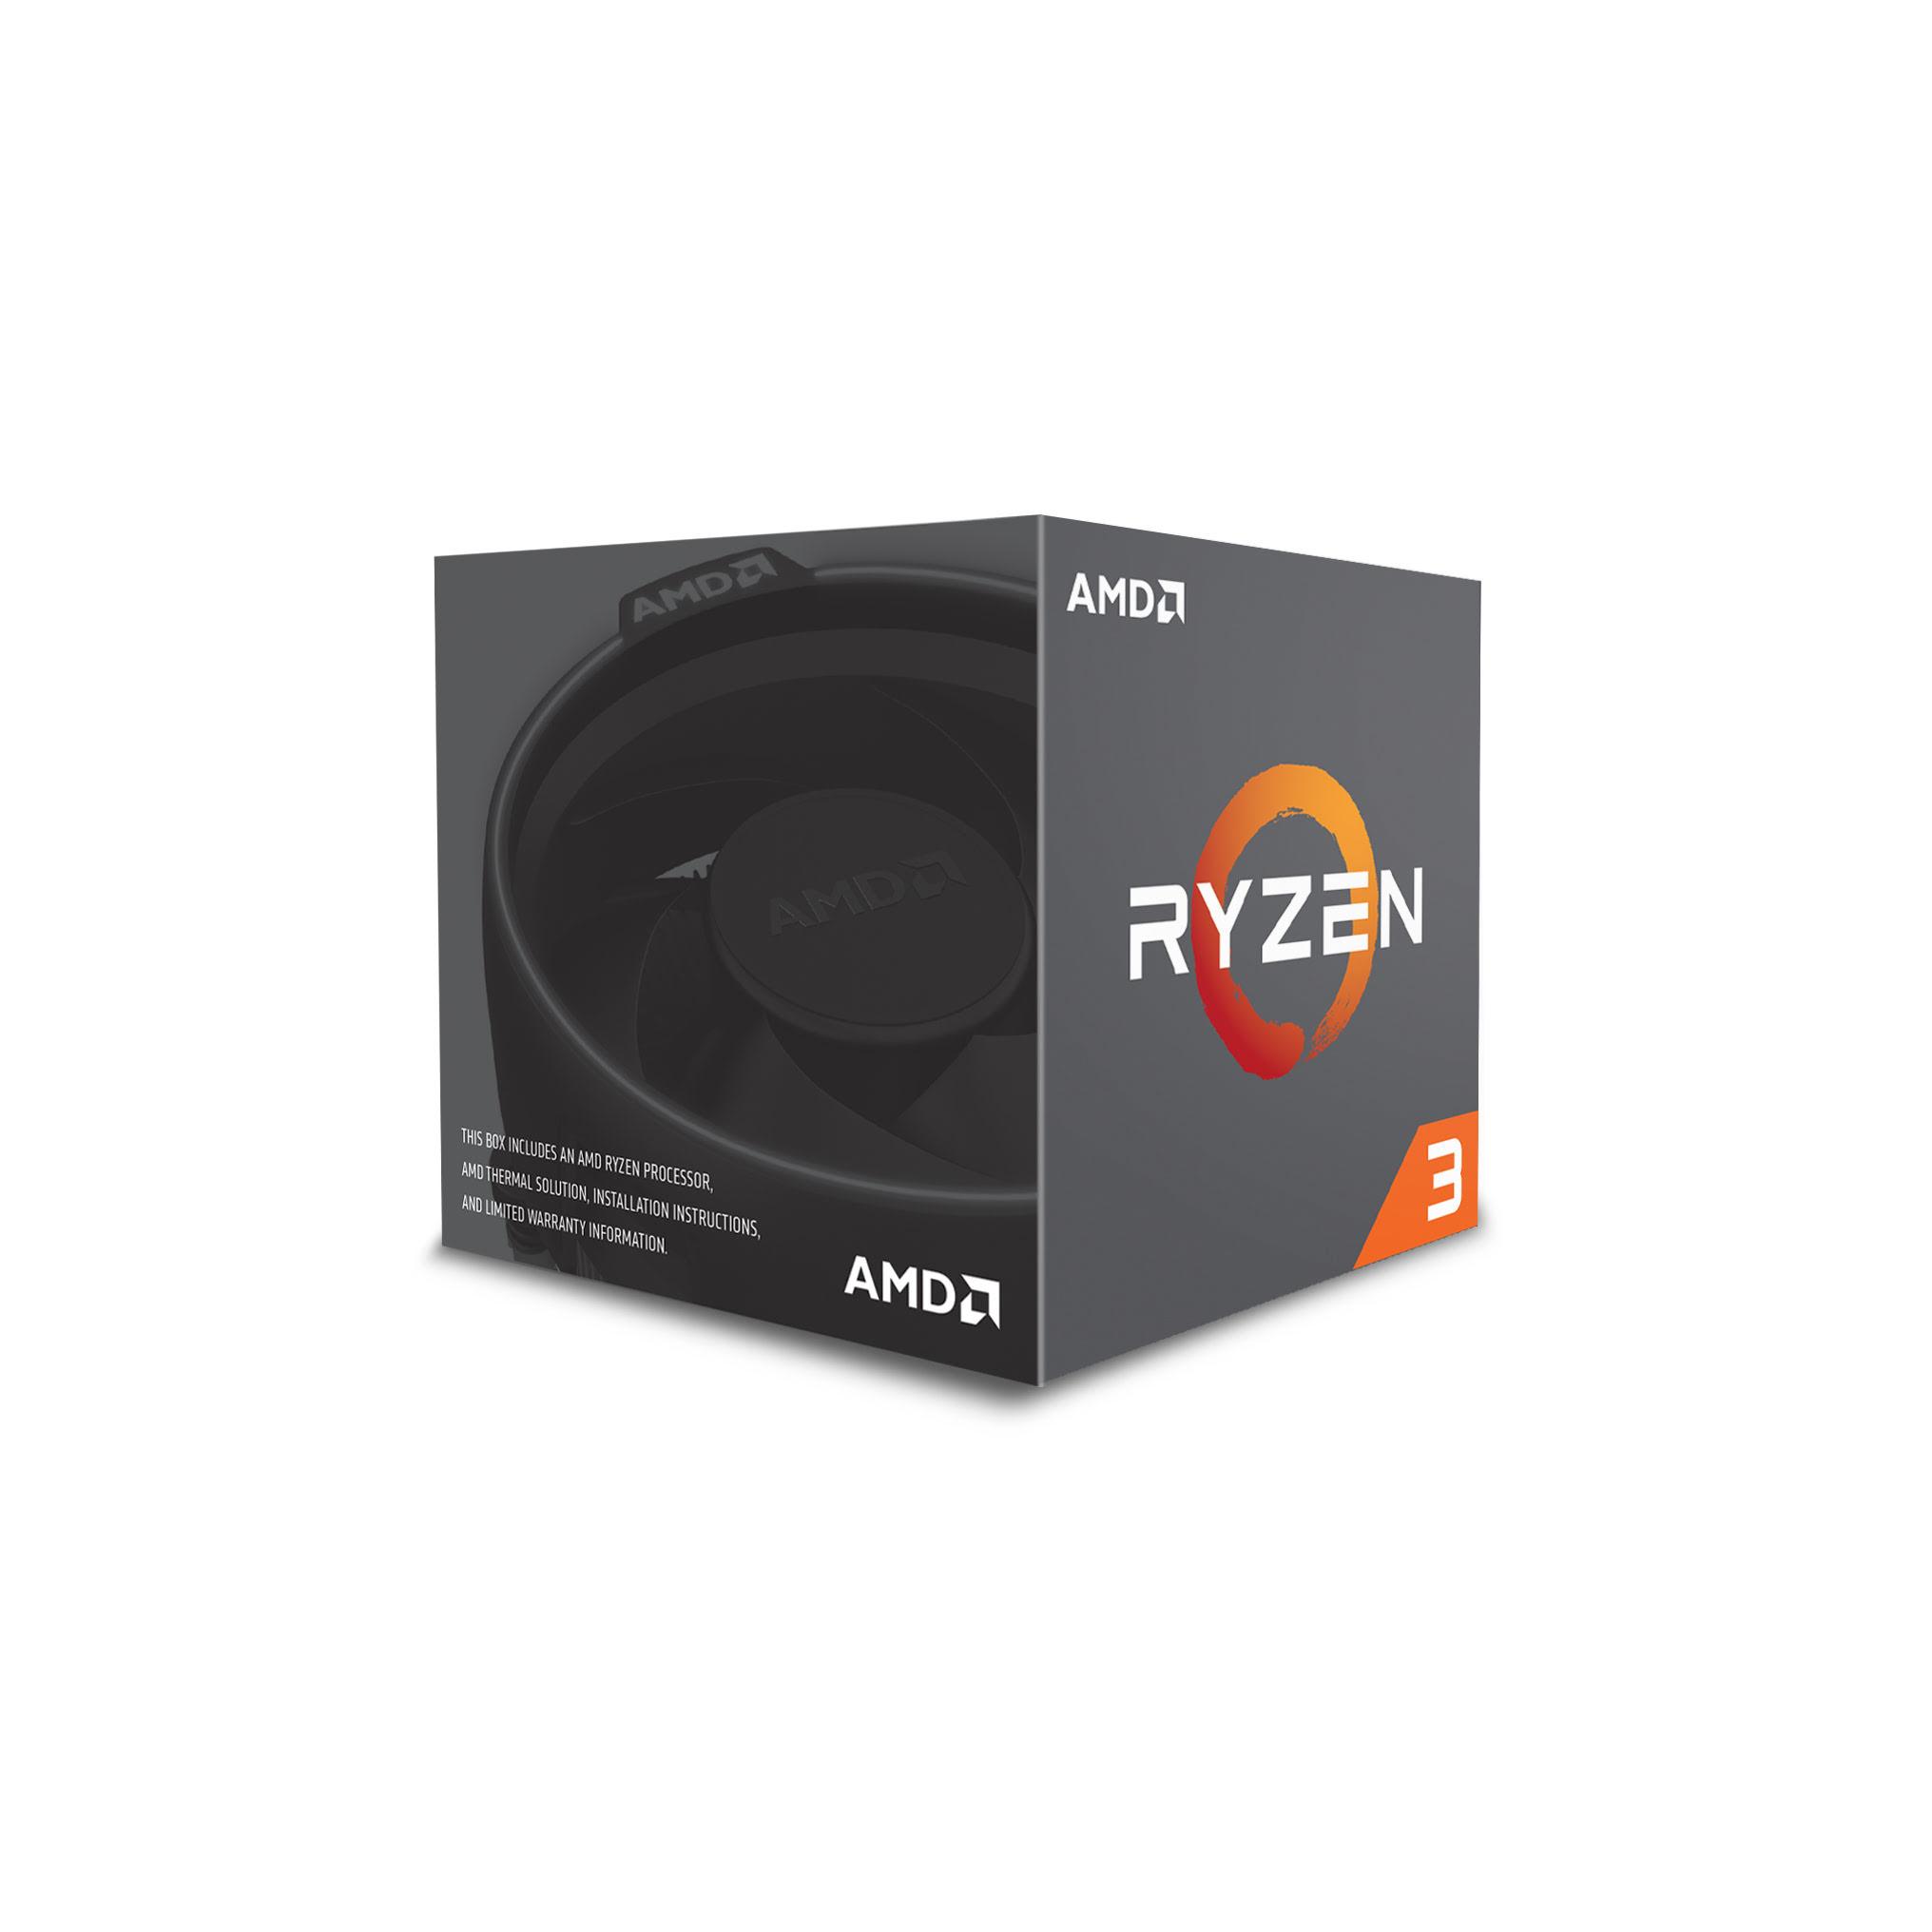 AMD Ryzen 3 1200 - 3.4GHz - Processeur AMD - Cybertek.fr - 1